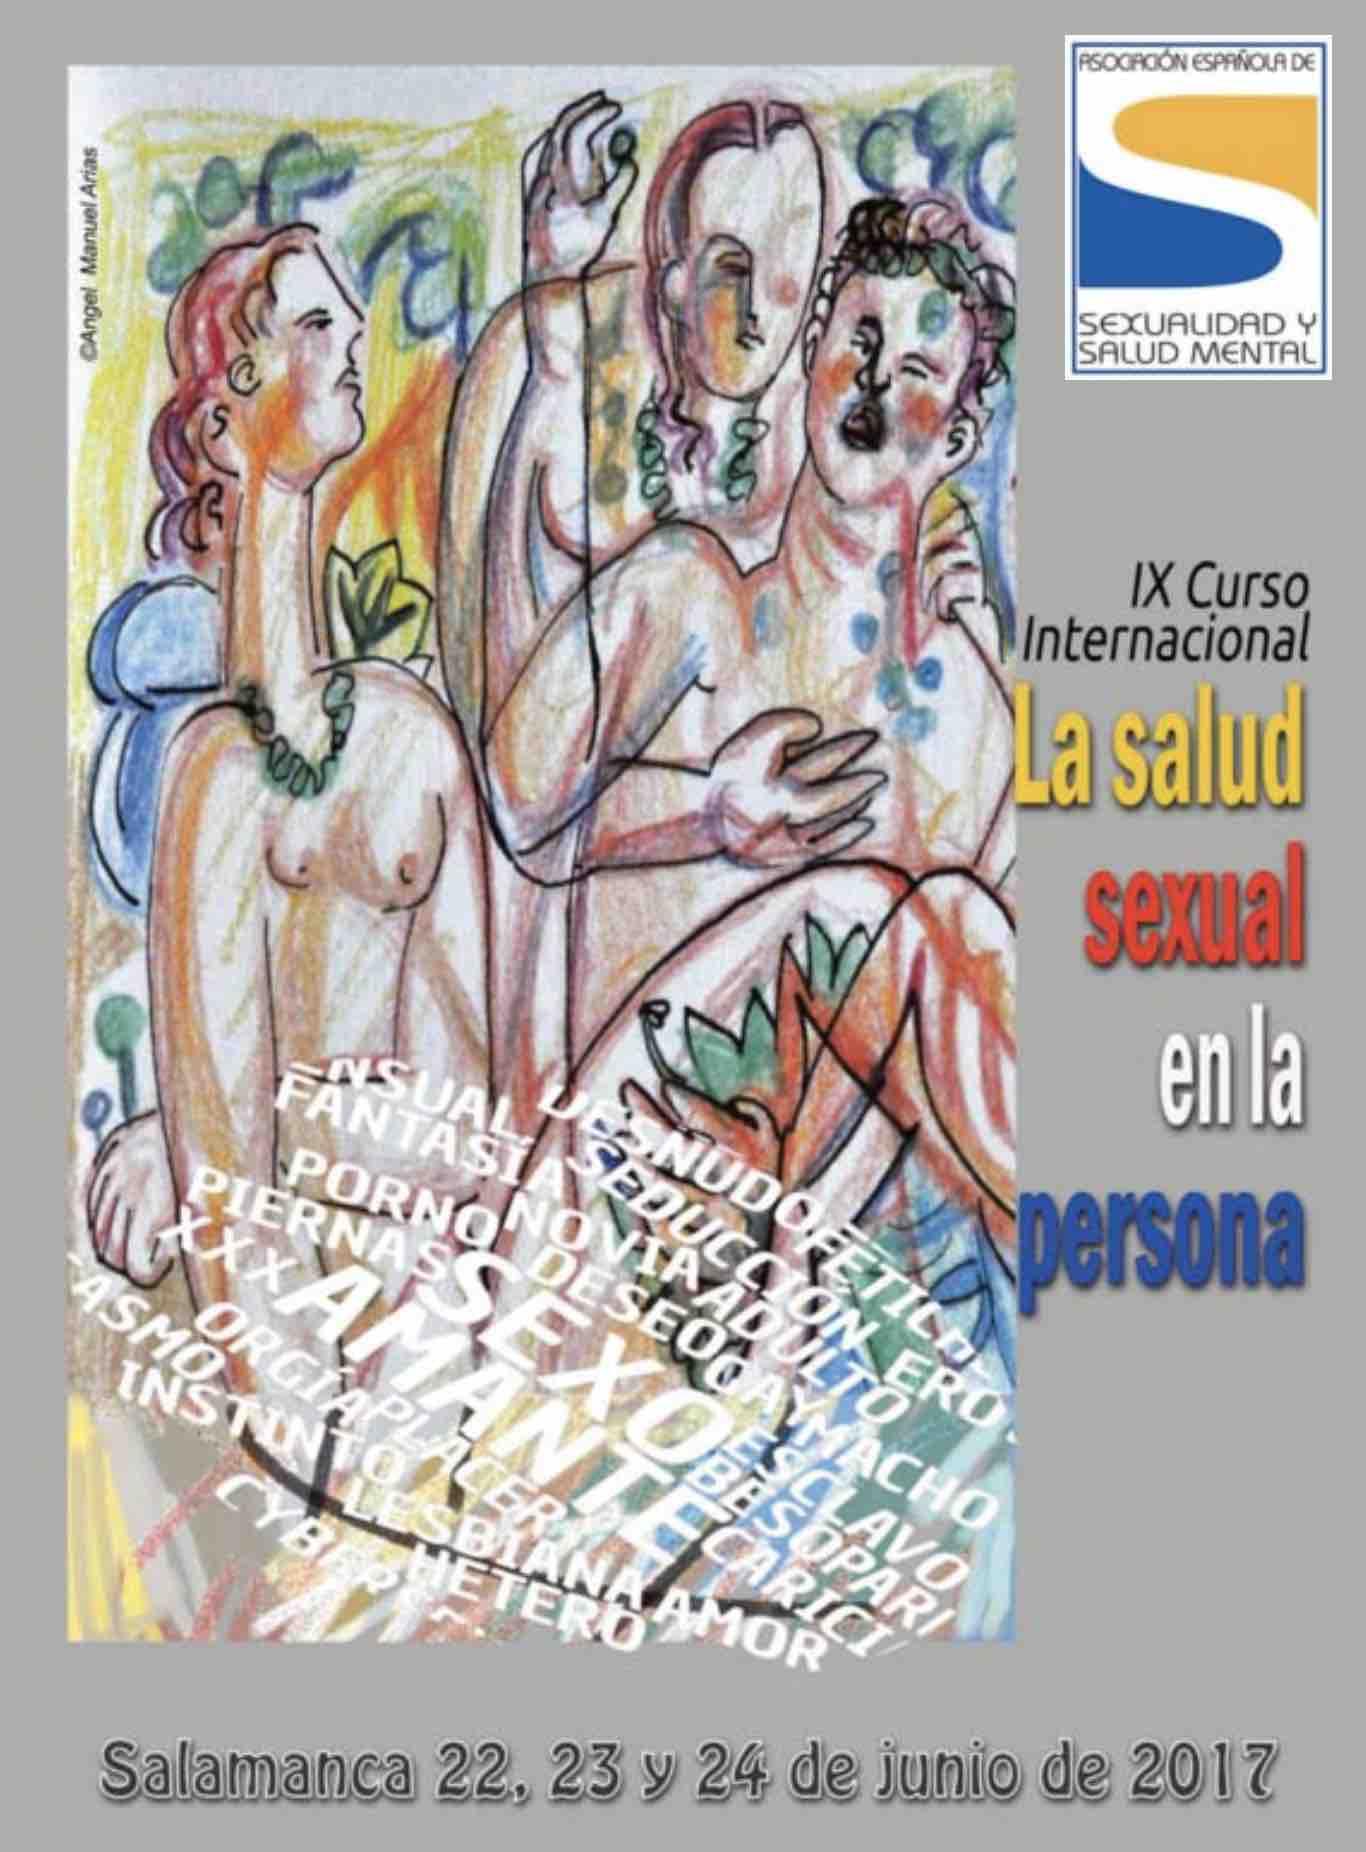 IX Curso Internacional de Sexualidad y Salud Mental